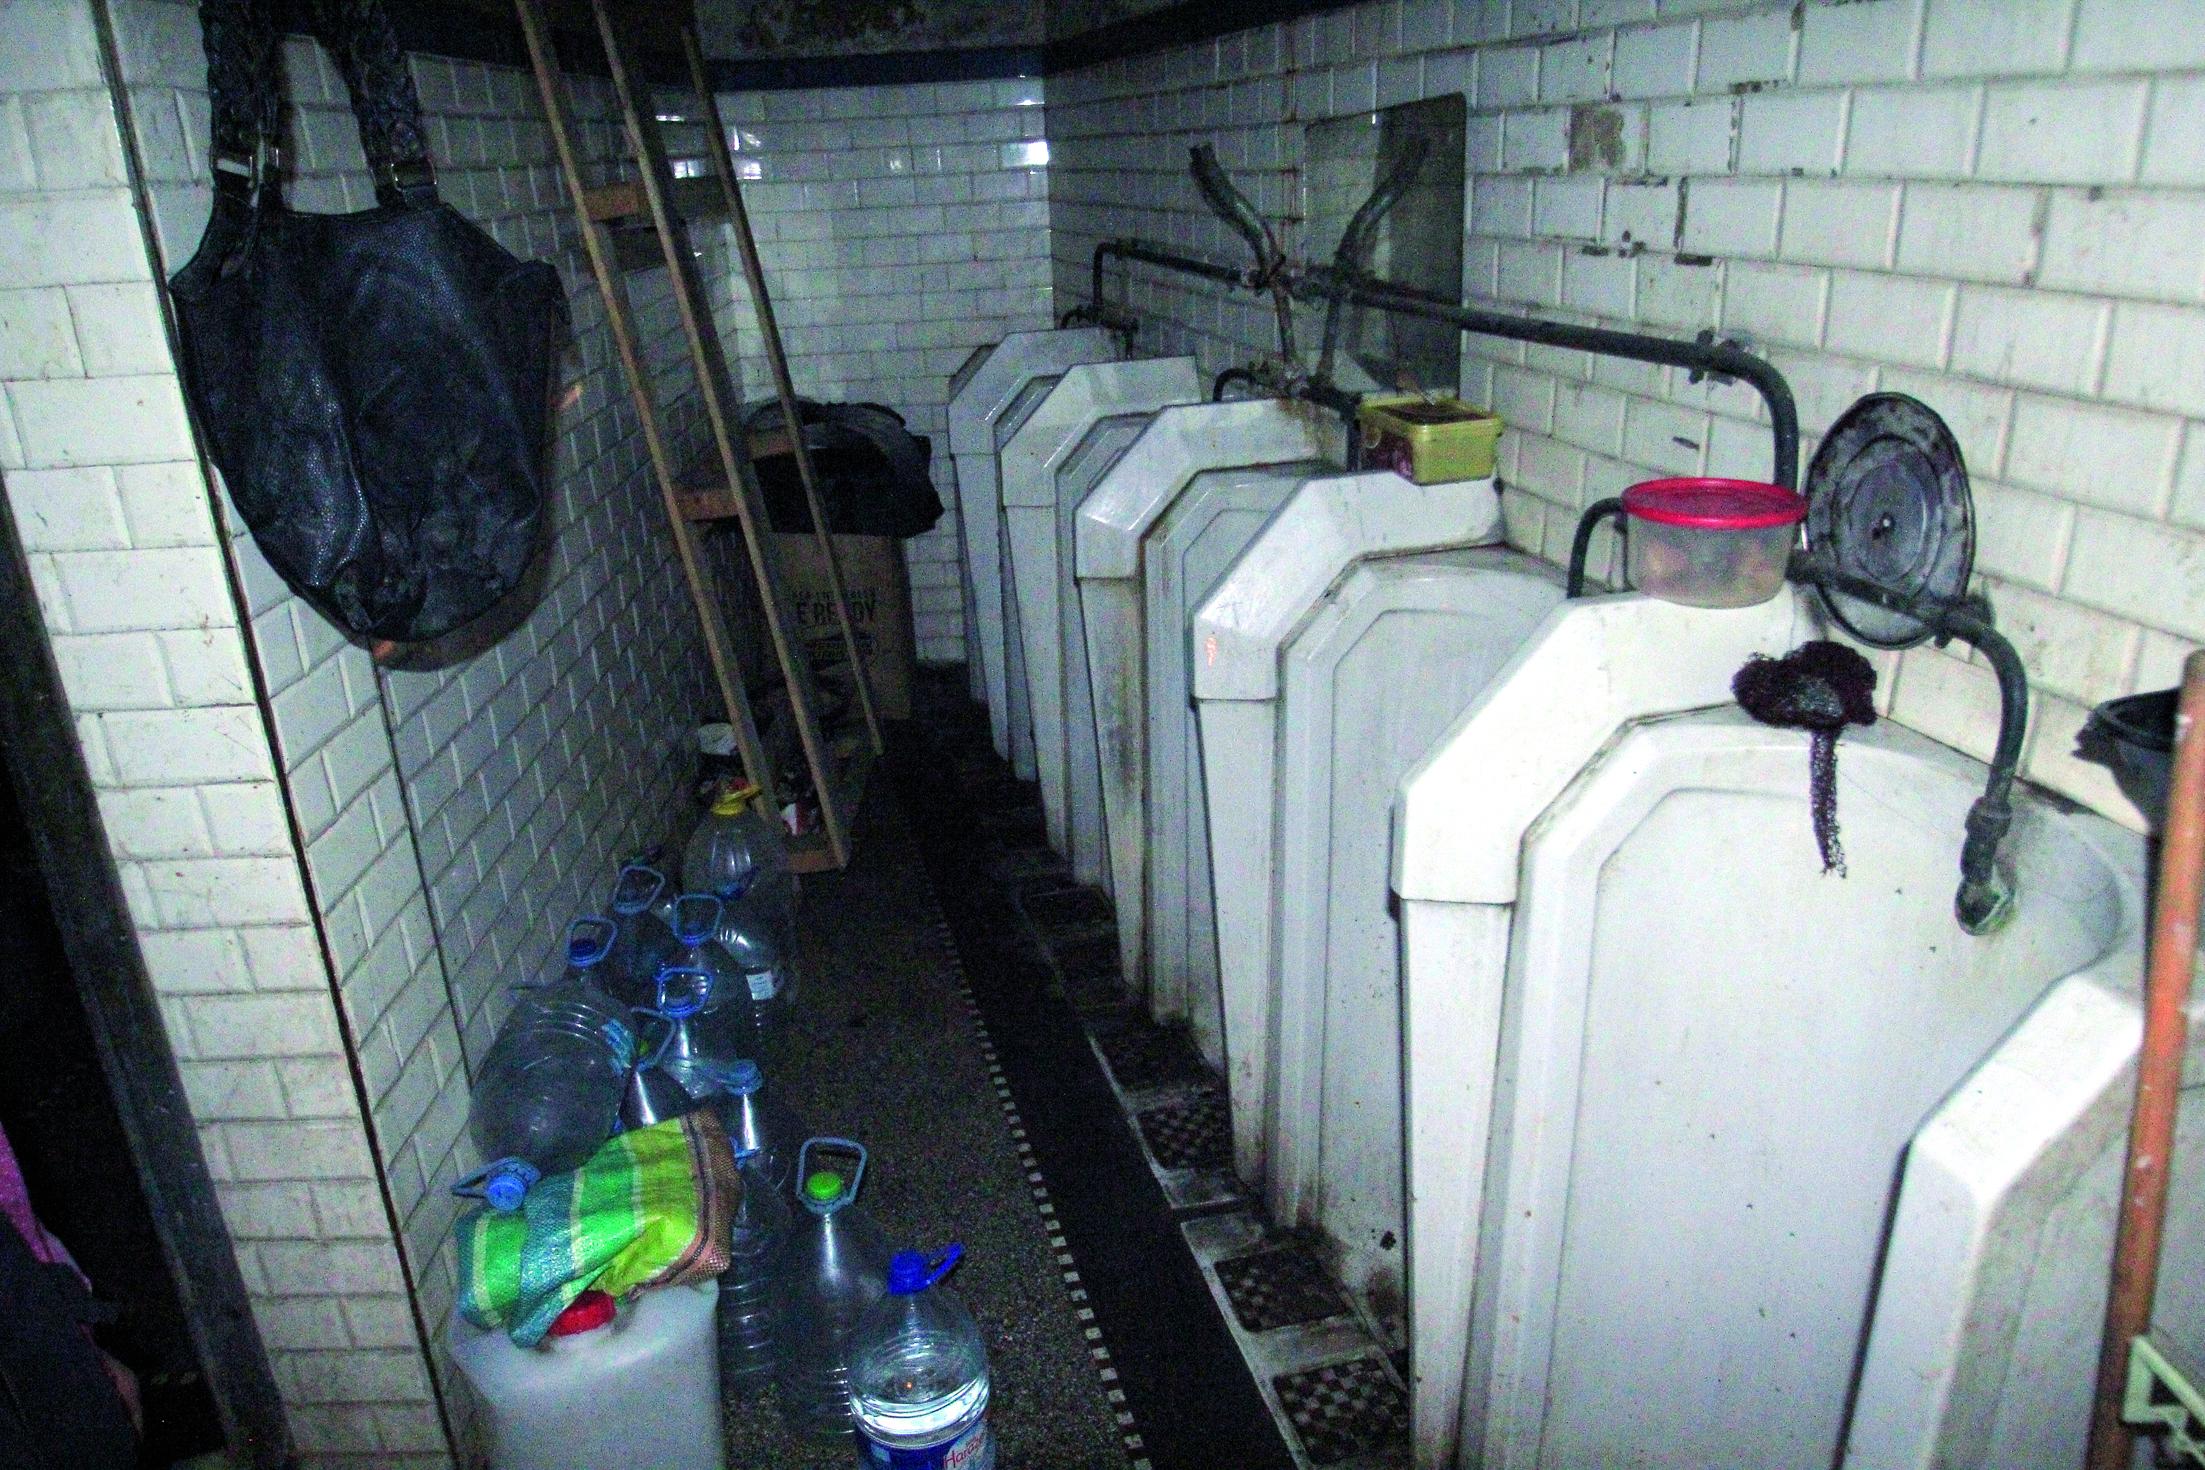 Une femme vivant dans des toilettes publiques...